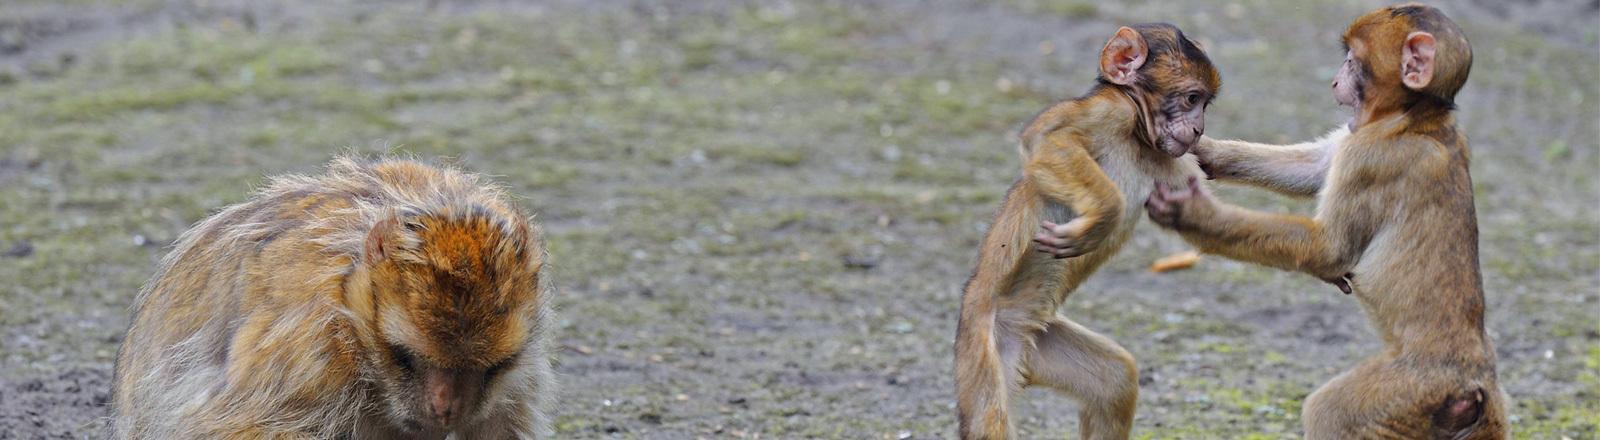 Makakenaffen. Die Jungtiere kämpfen miteinander.